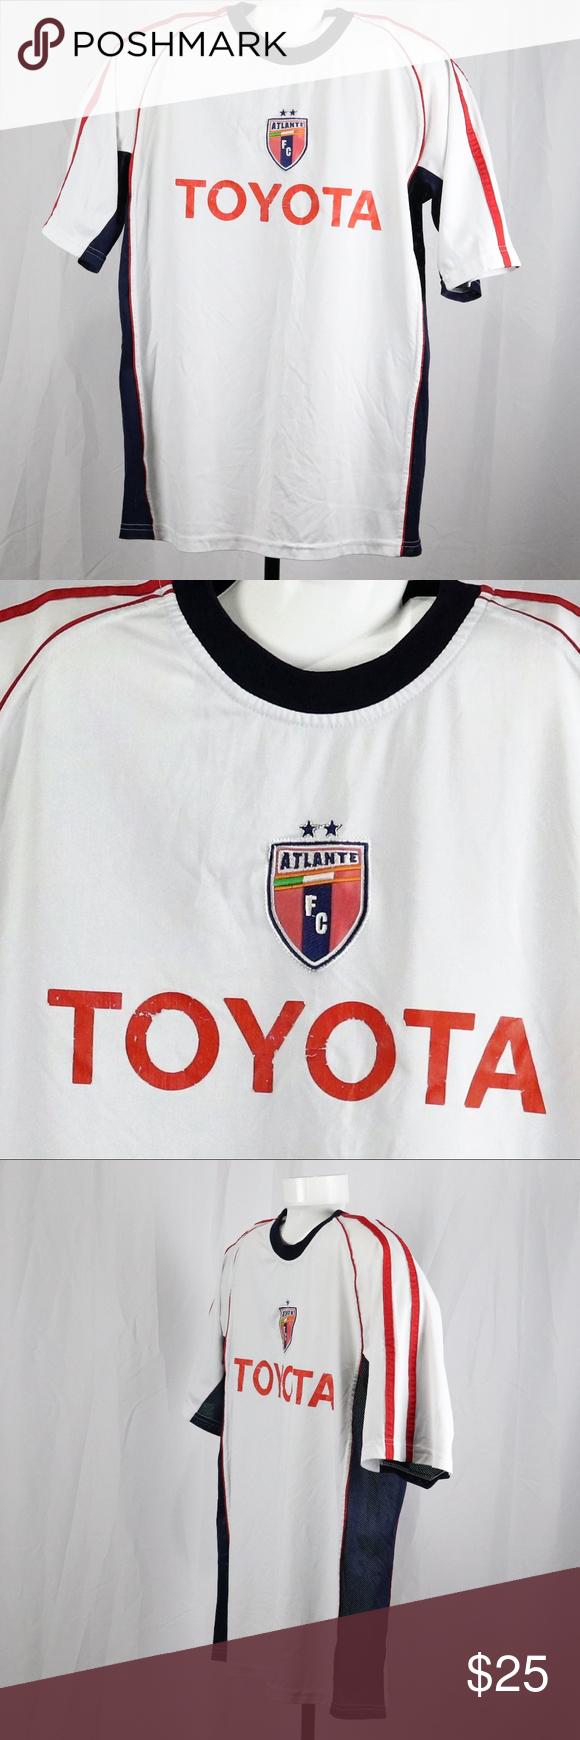 6c4f8d1e2 Toyota Soccer Jersey Size L Toyota Soccer Jersey Size L White